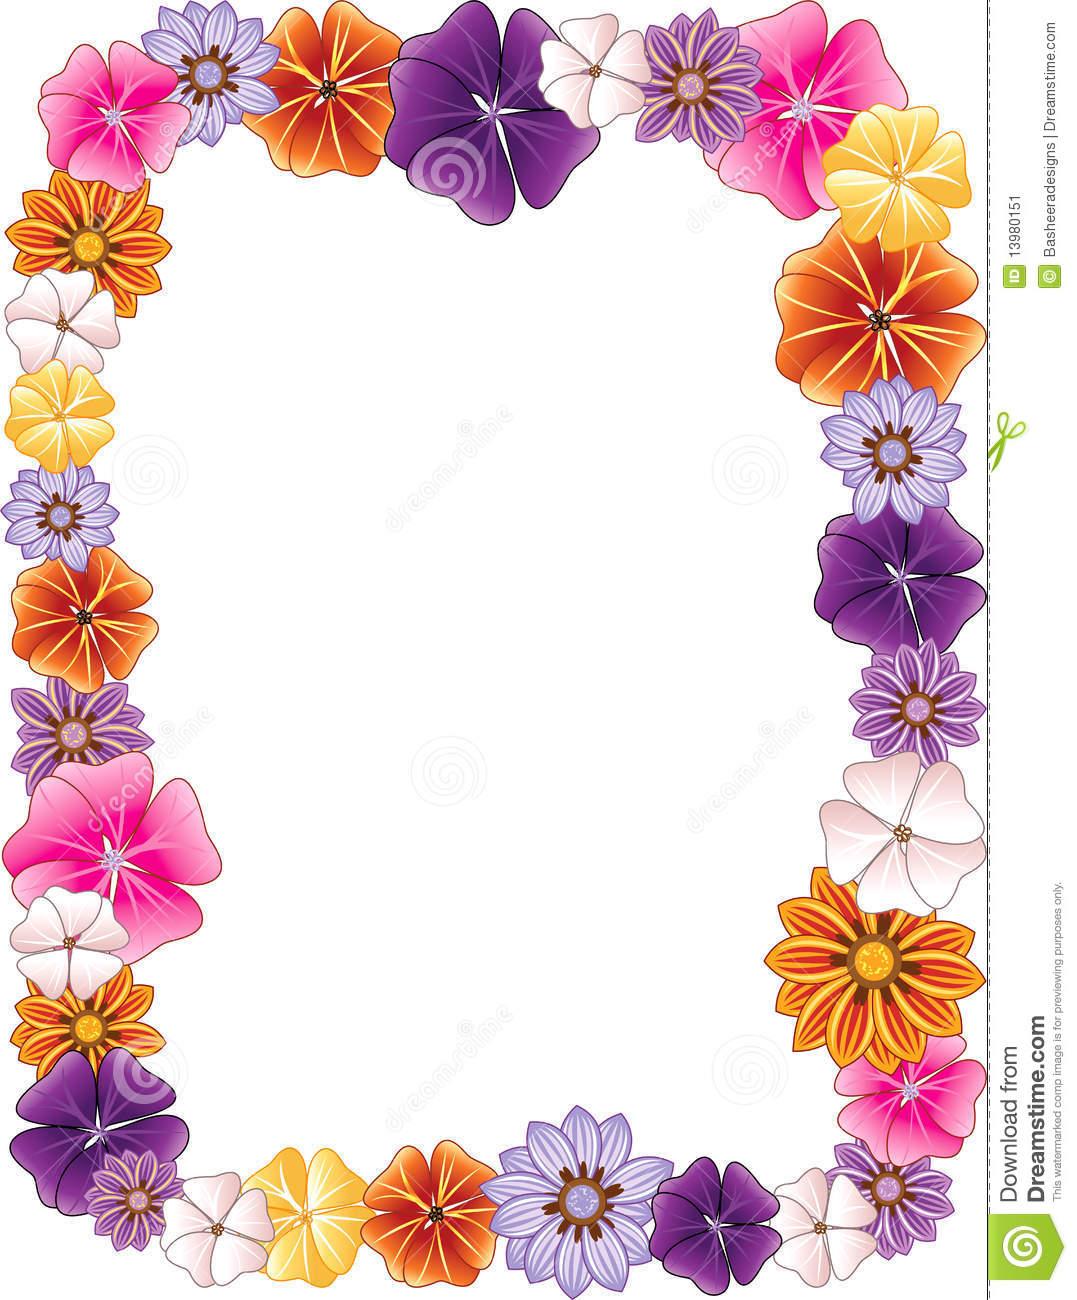 Hawaiian Clip Art Borders | Clipart Panda - Free Clipart